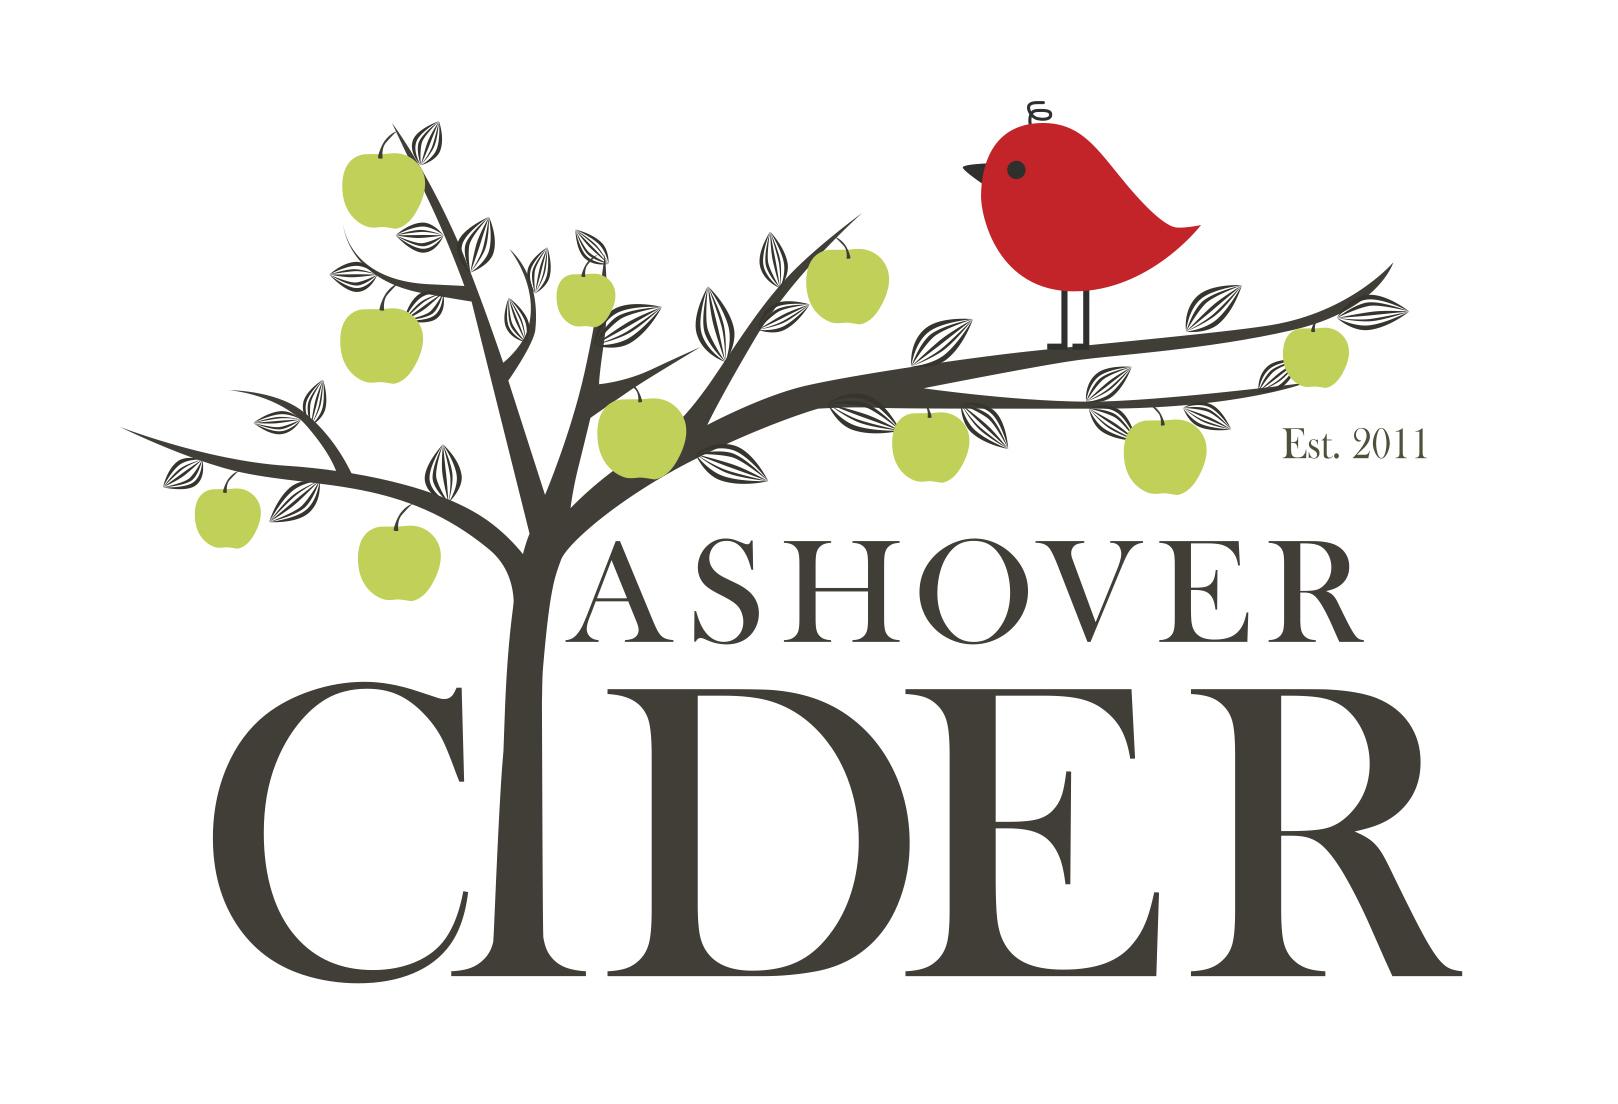 Ashover Cider logo